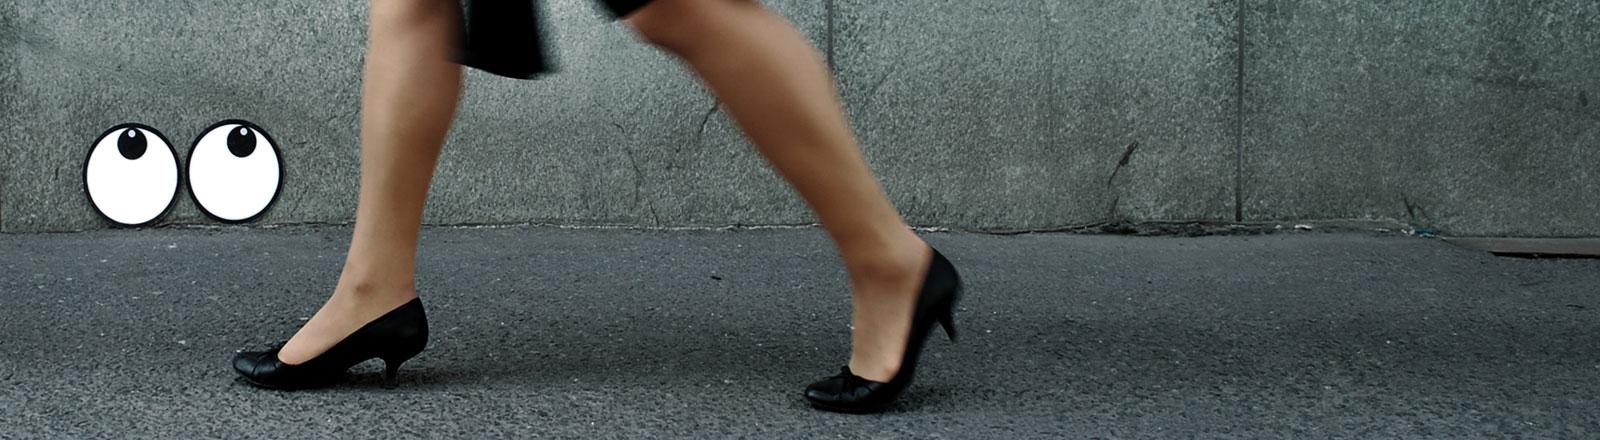 Eine Frau geht eine Straße entlang, zwei Graffiti-Augen beobachten sie dabei.